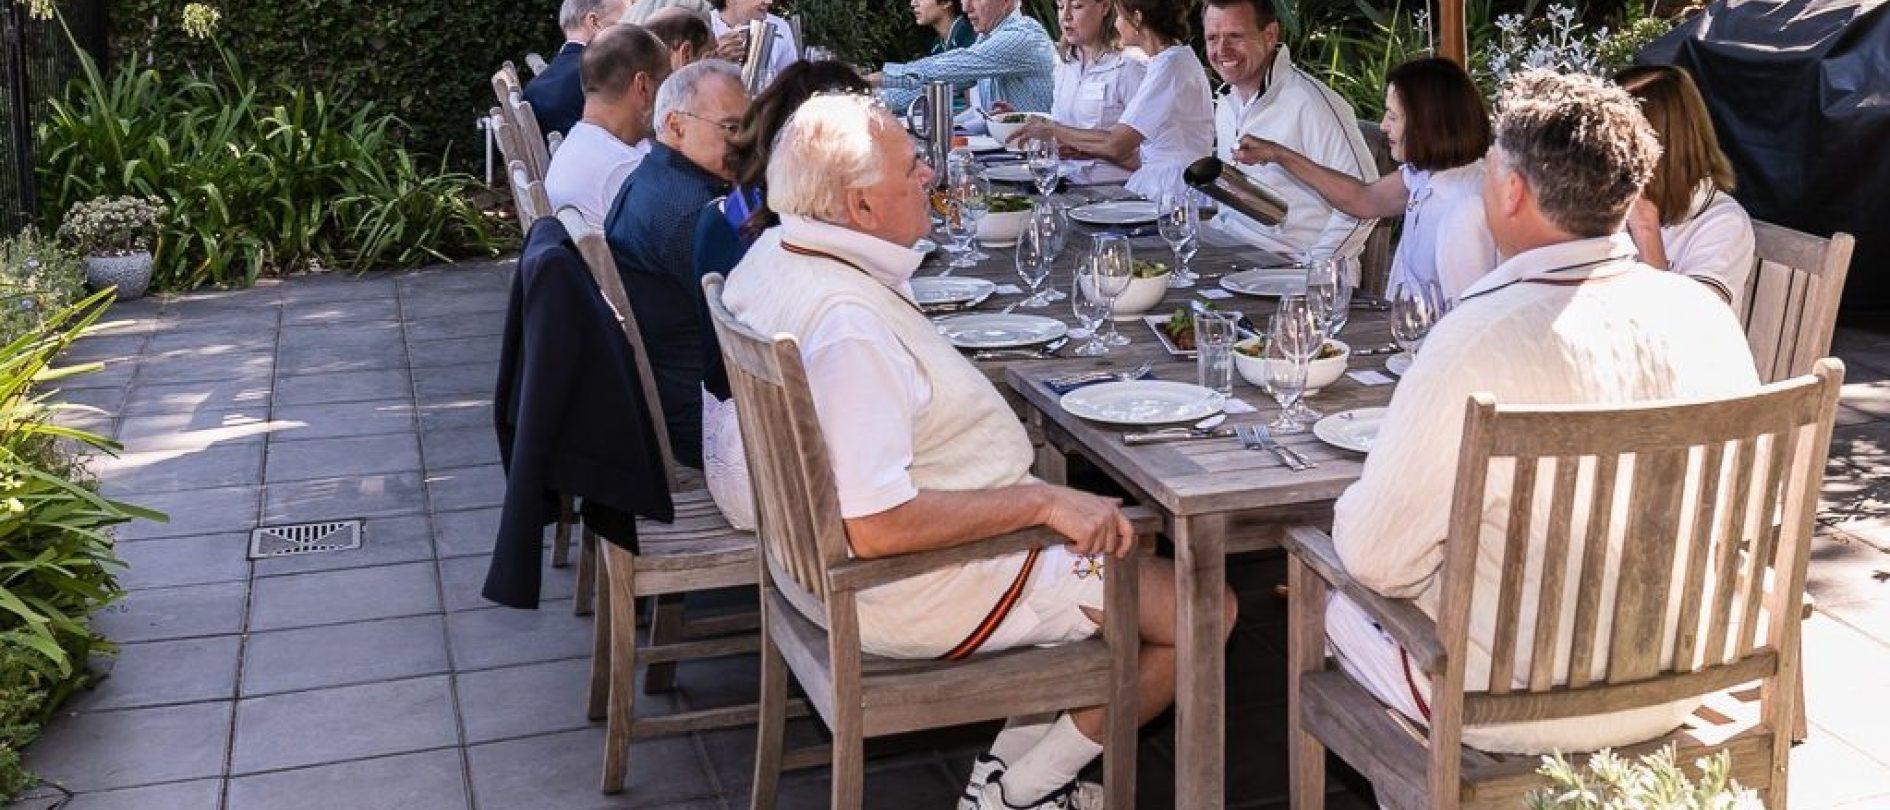 RMTC Members Lunch Outside 275